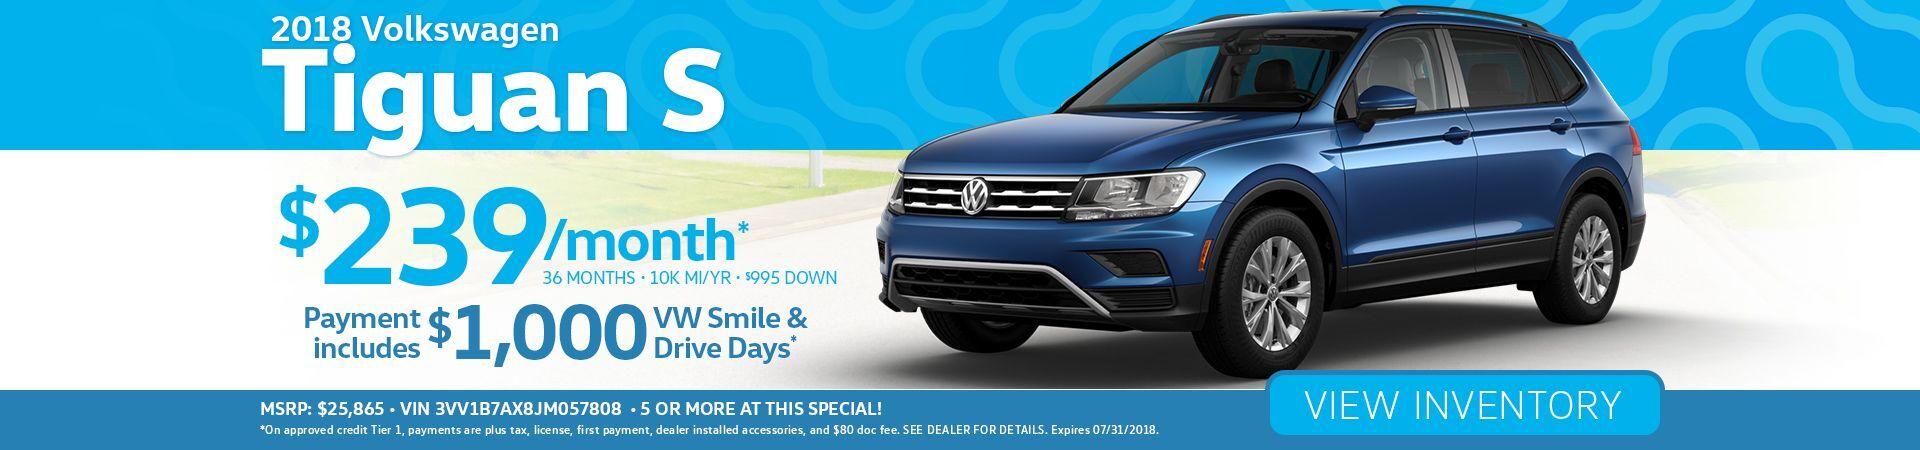 Volkswagen Tiguan Specials